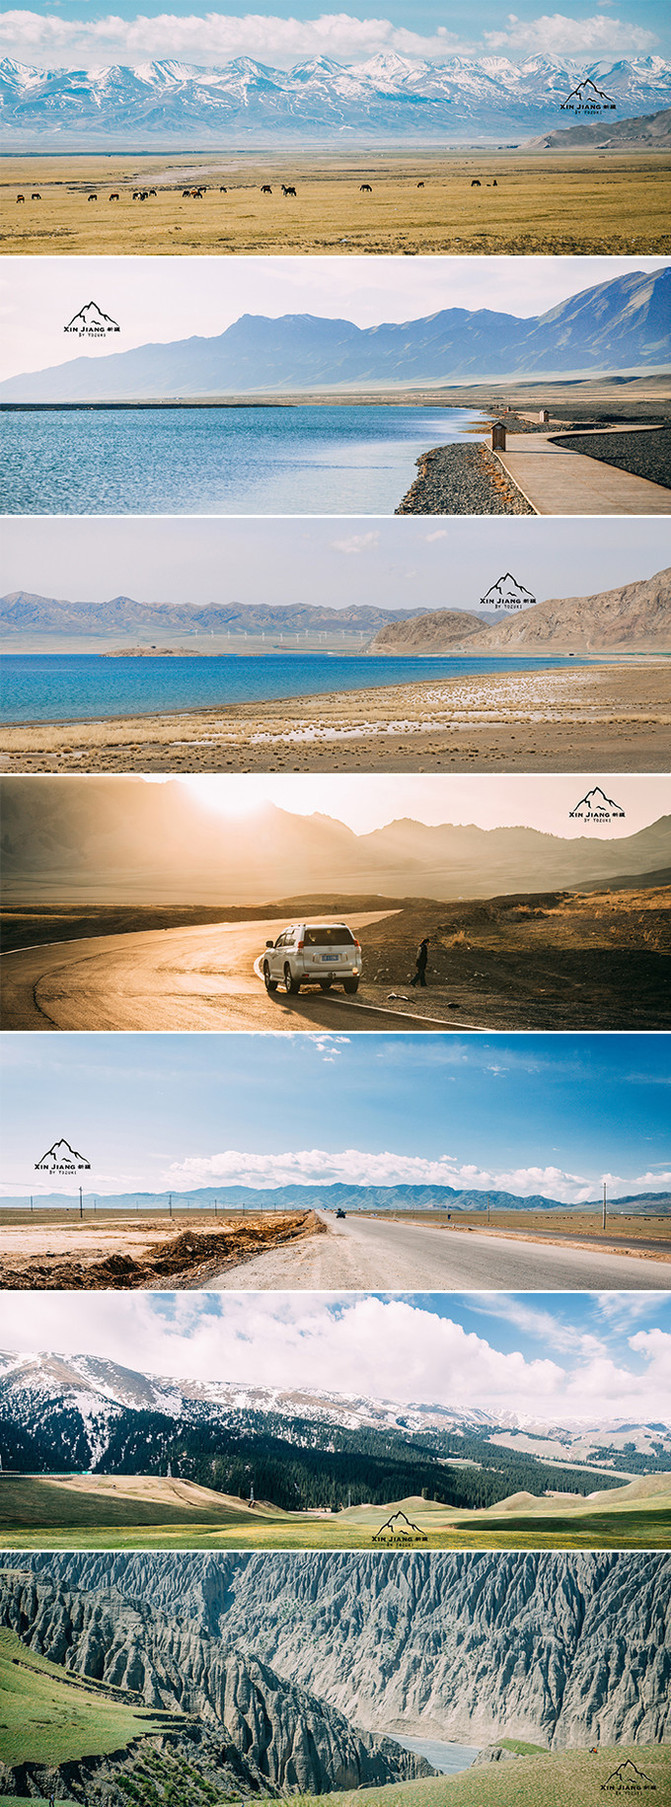 4000公里在路上,去追逐新疆的草原与雪山|伊犁小环线